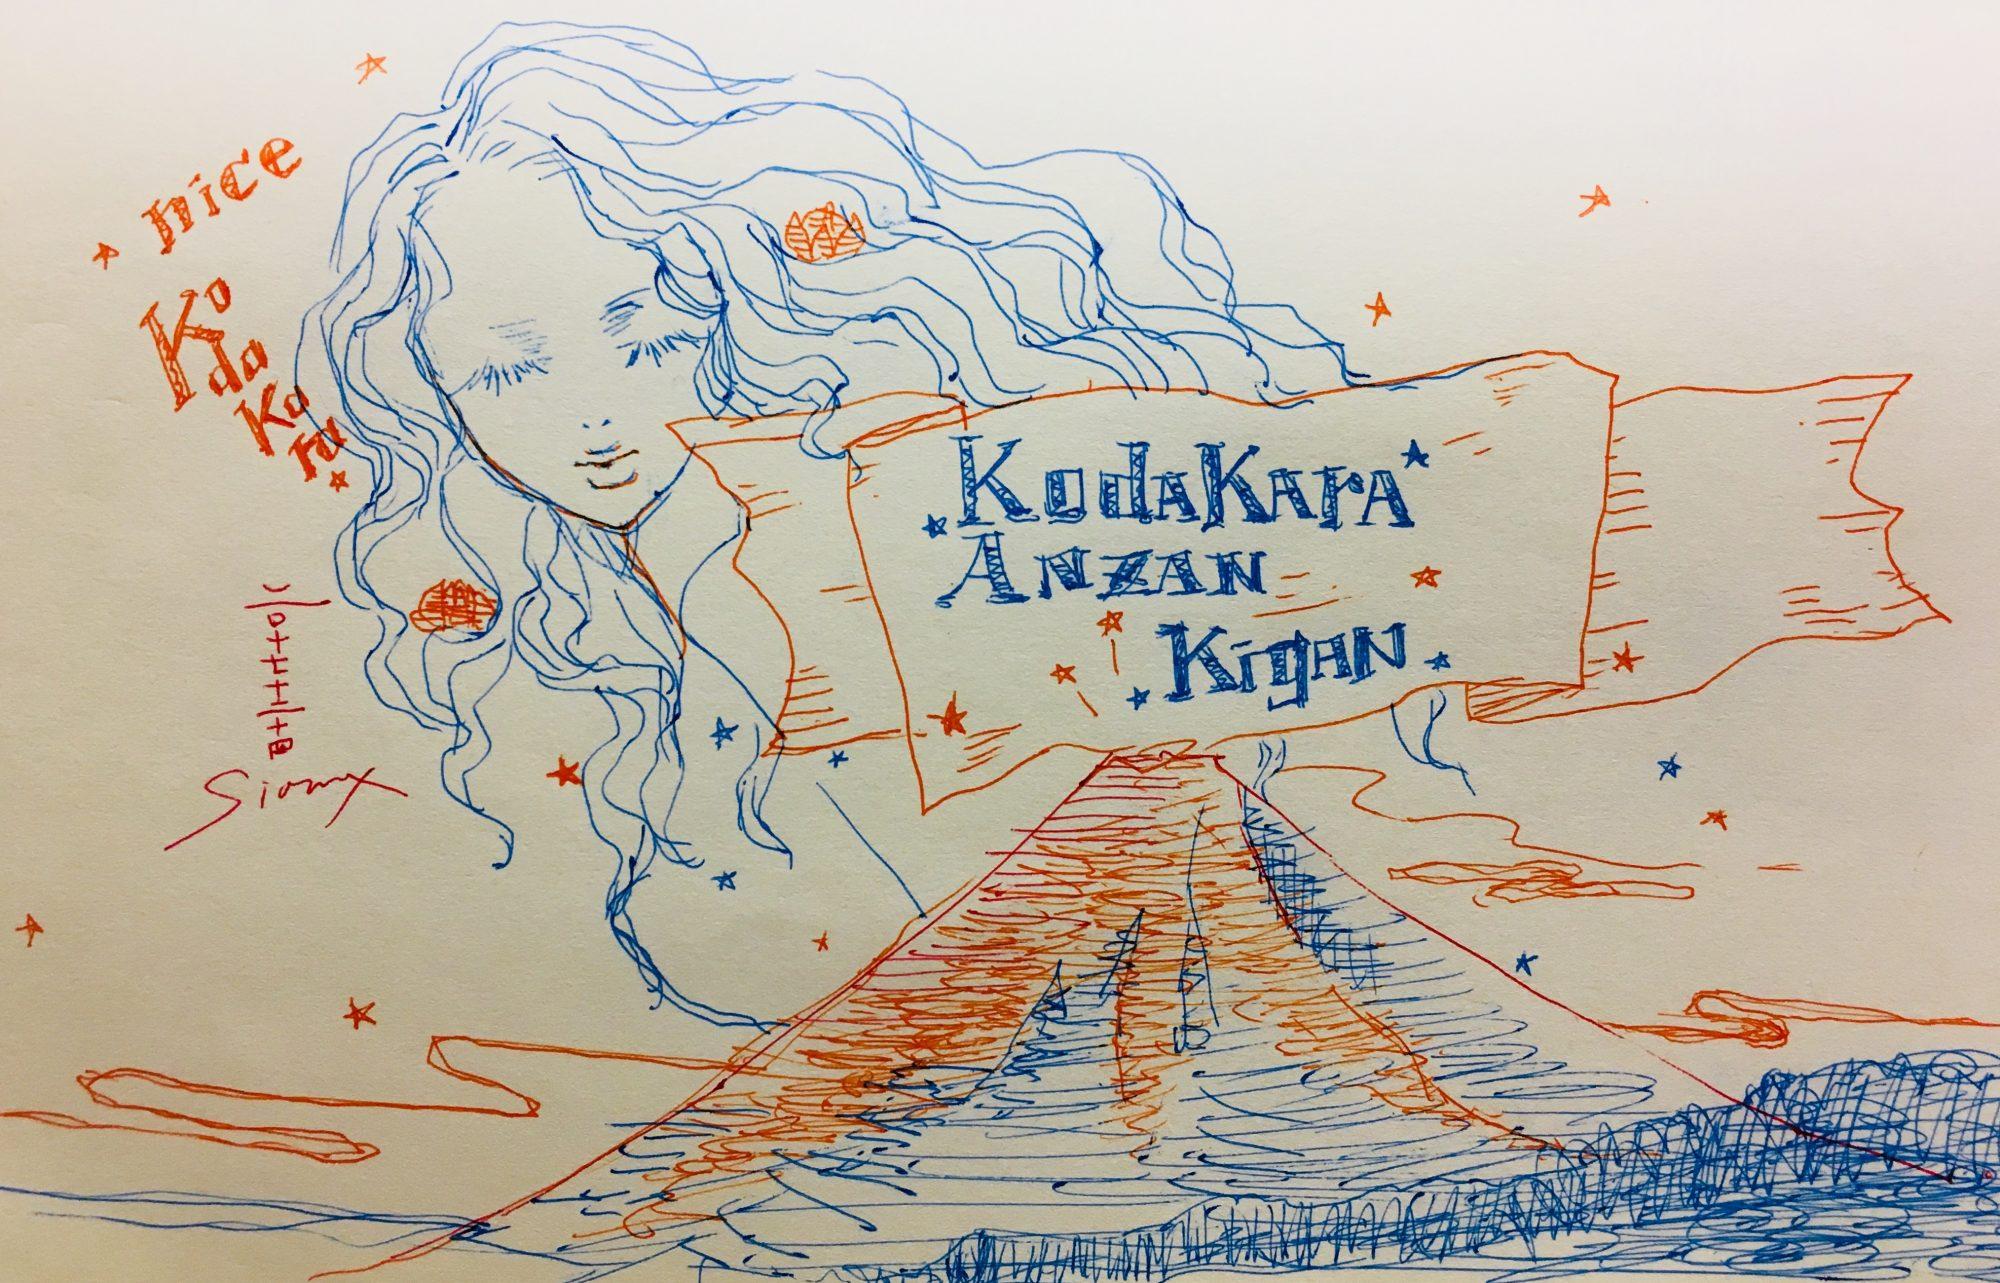 ジンクス 赤 富士 縁起が良い赤富士写真を撮影するための条件や撮影場所を詳しく解説